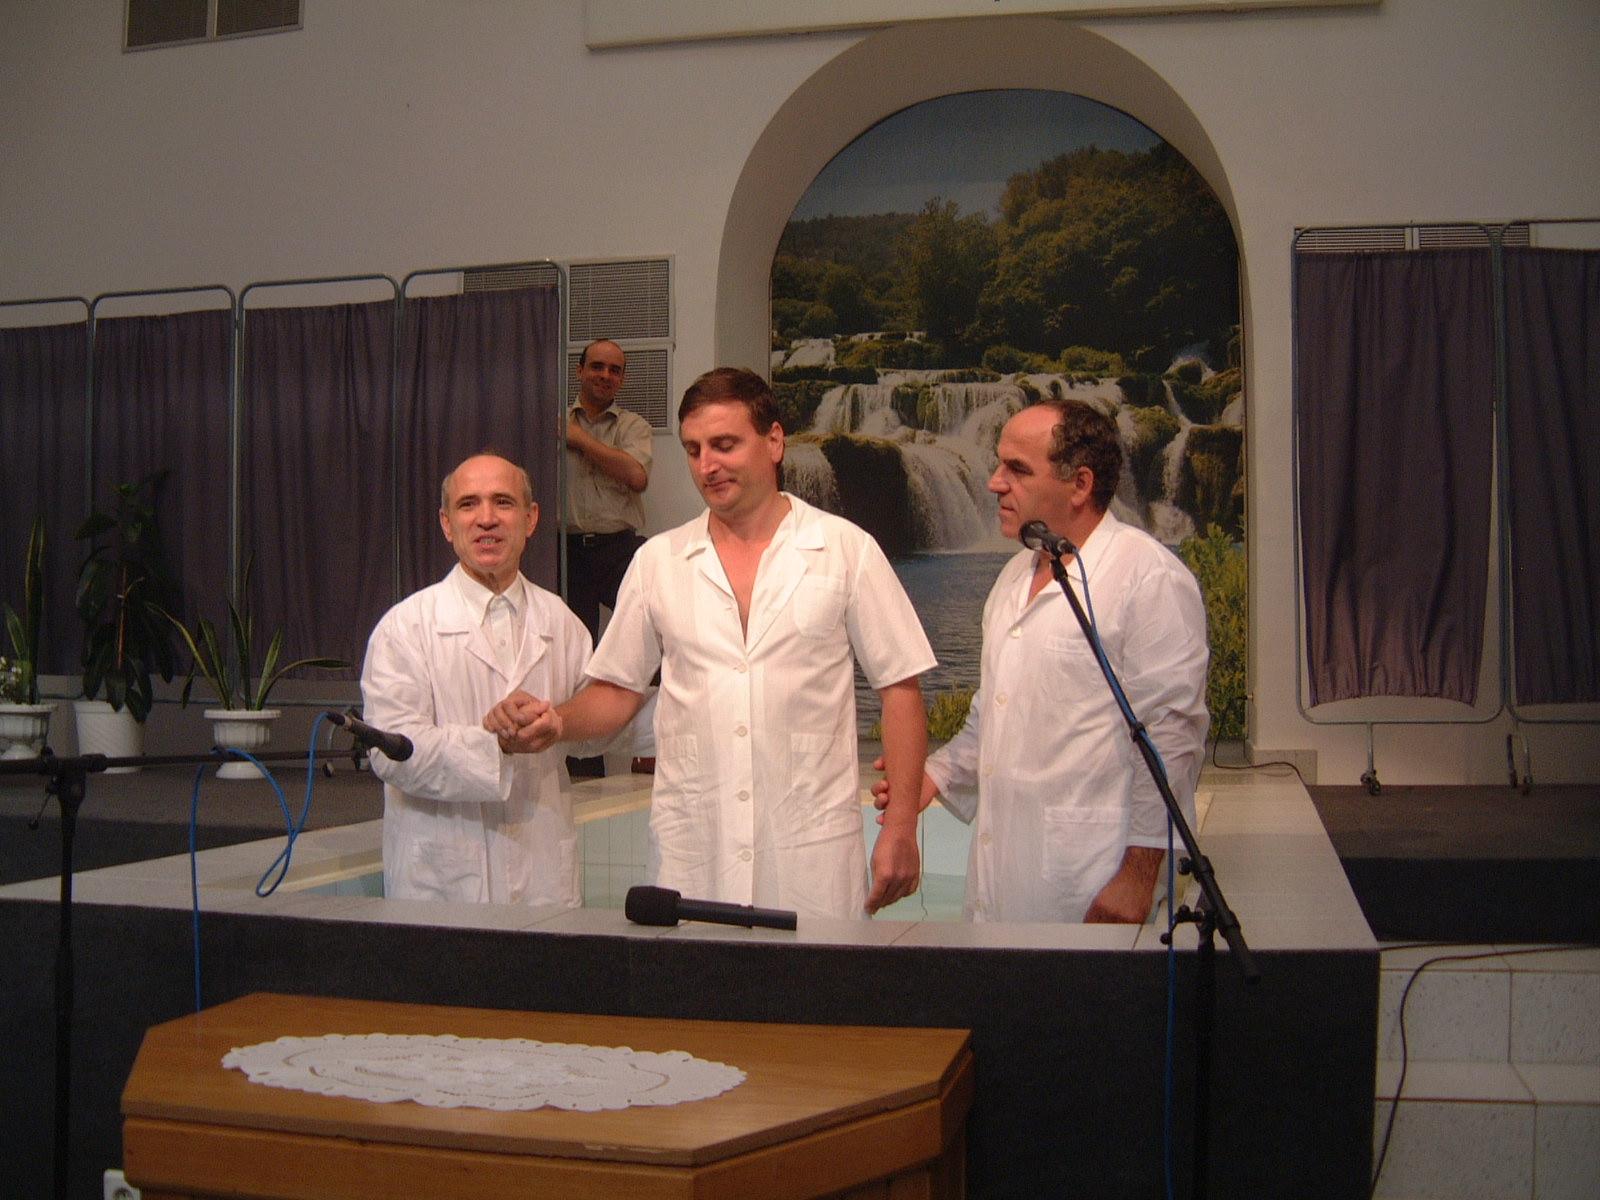 FRATELE FLORIN TUDOR CHIAR INAINTE DE BOTEZ - 22 AUGUST 2003